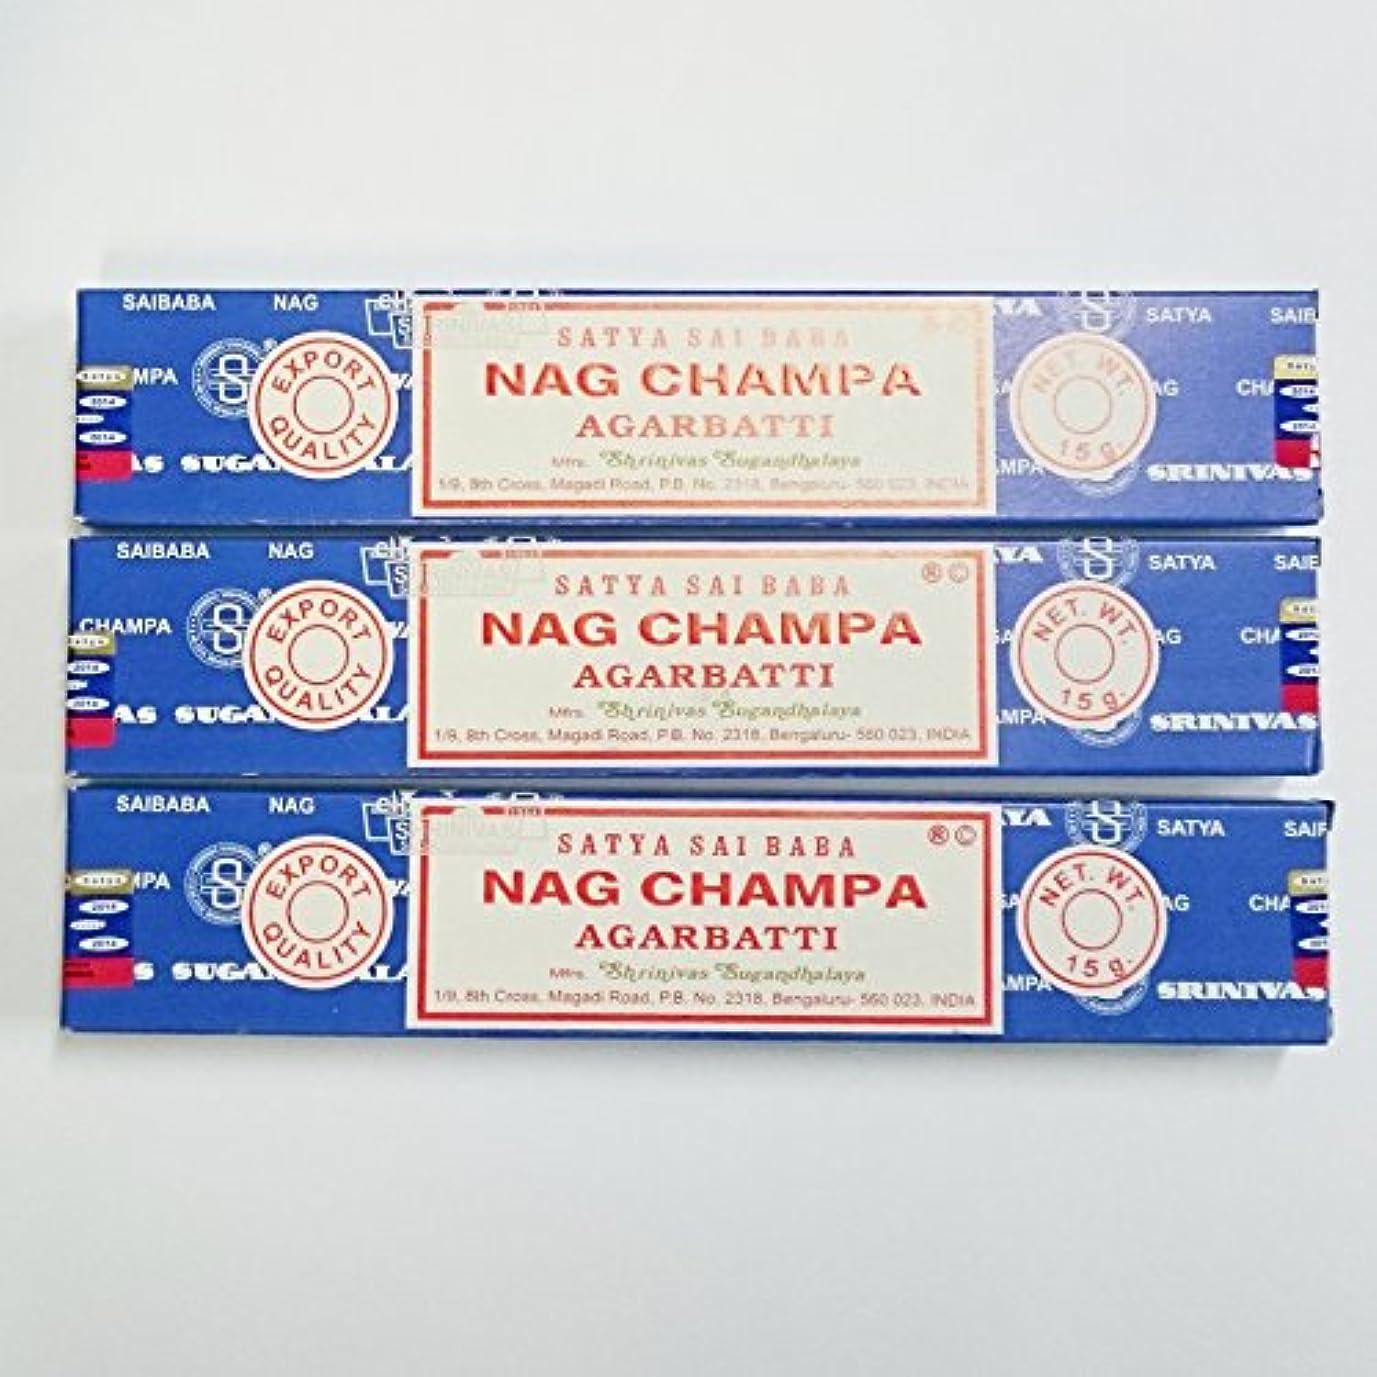 アルコーブ実行するキモいHEM社の7チャクラ&SATYA サイババナグチャンパ香 3箱セット